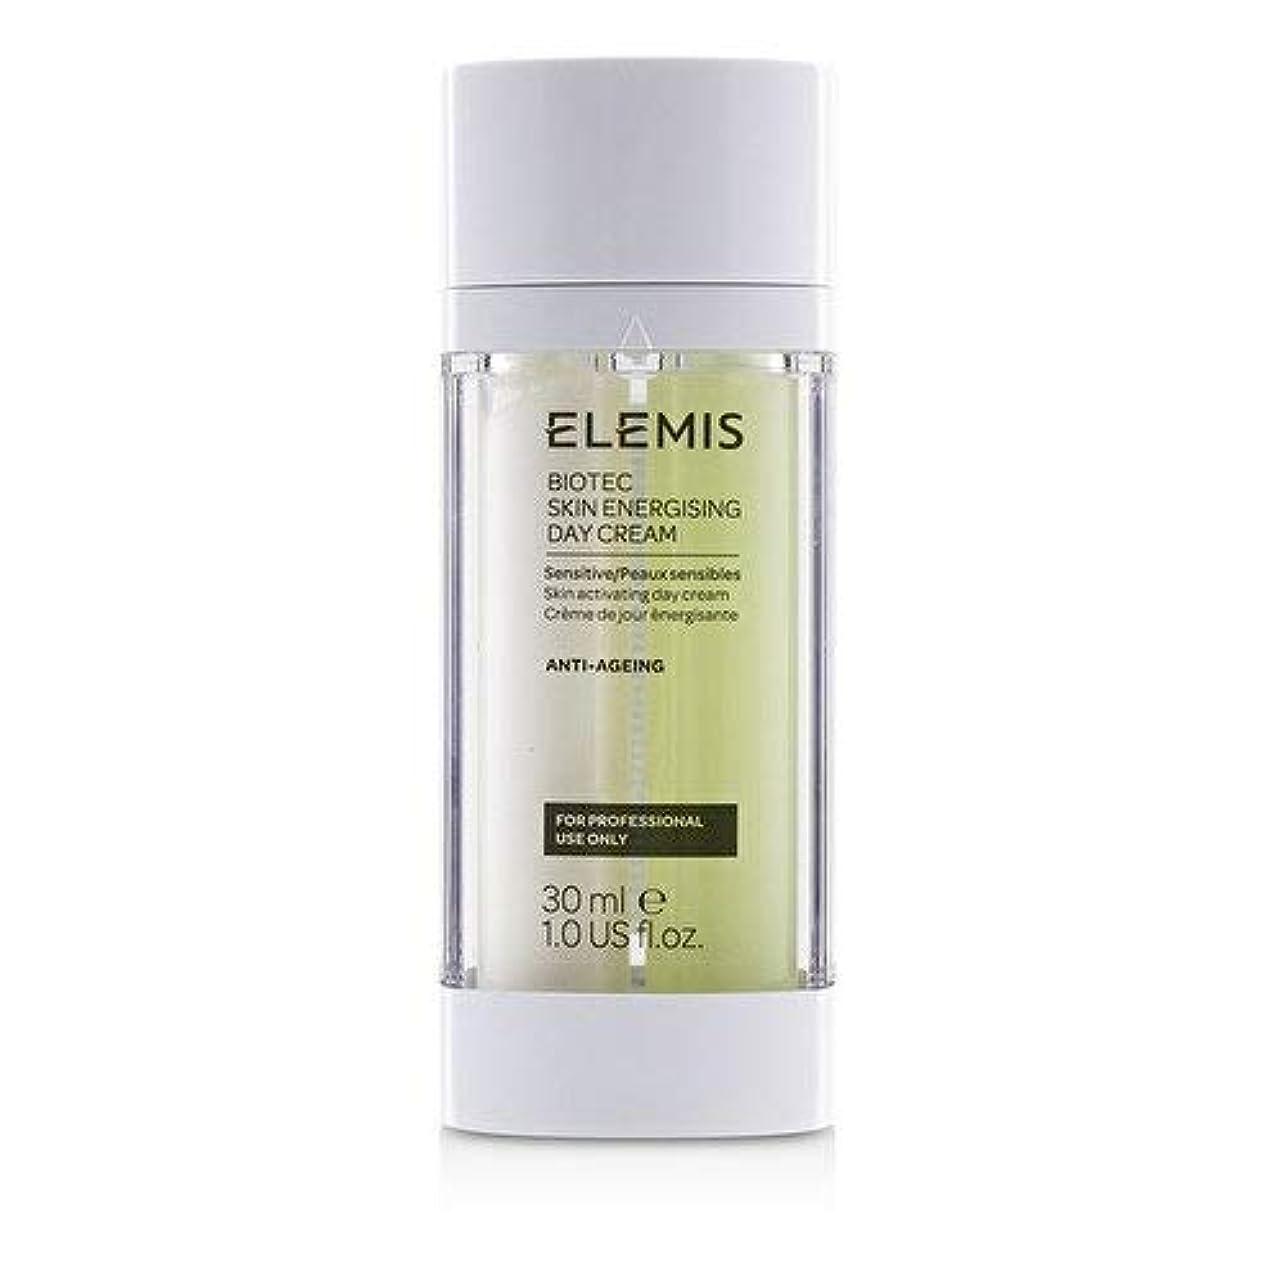 松明野望専制エレミス BIOTEC Skin Energising Day Cream - Sensitive (Salon Product) 30ml/1oz並行輸入品